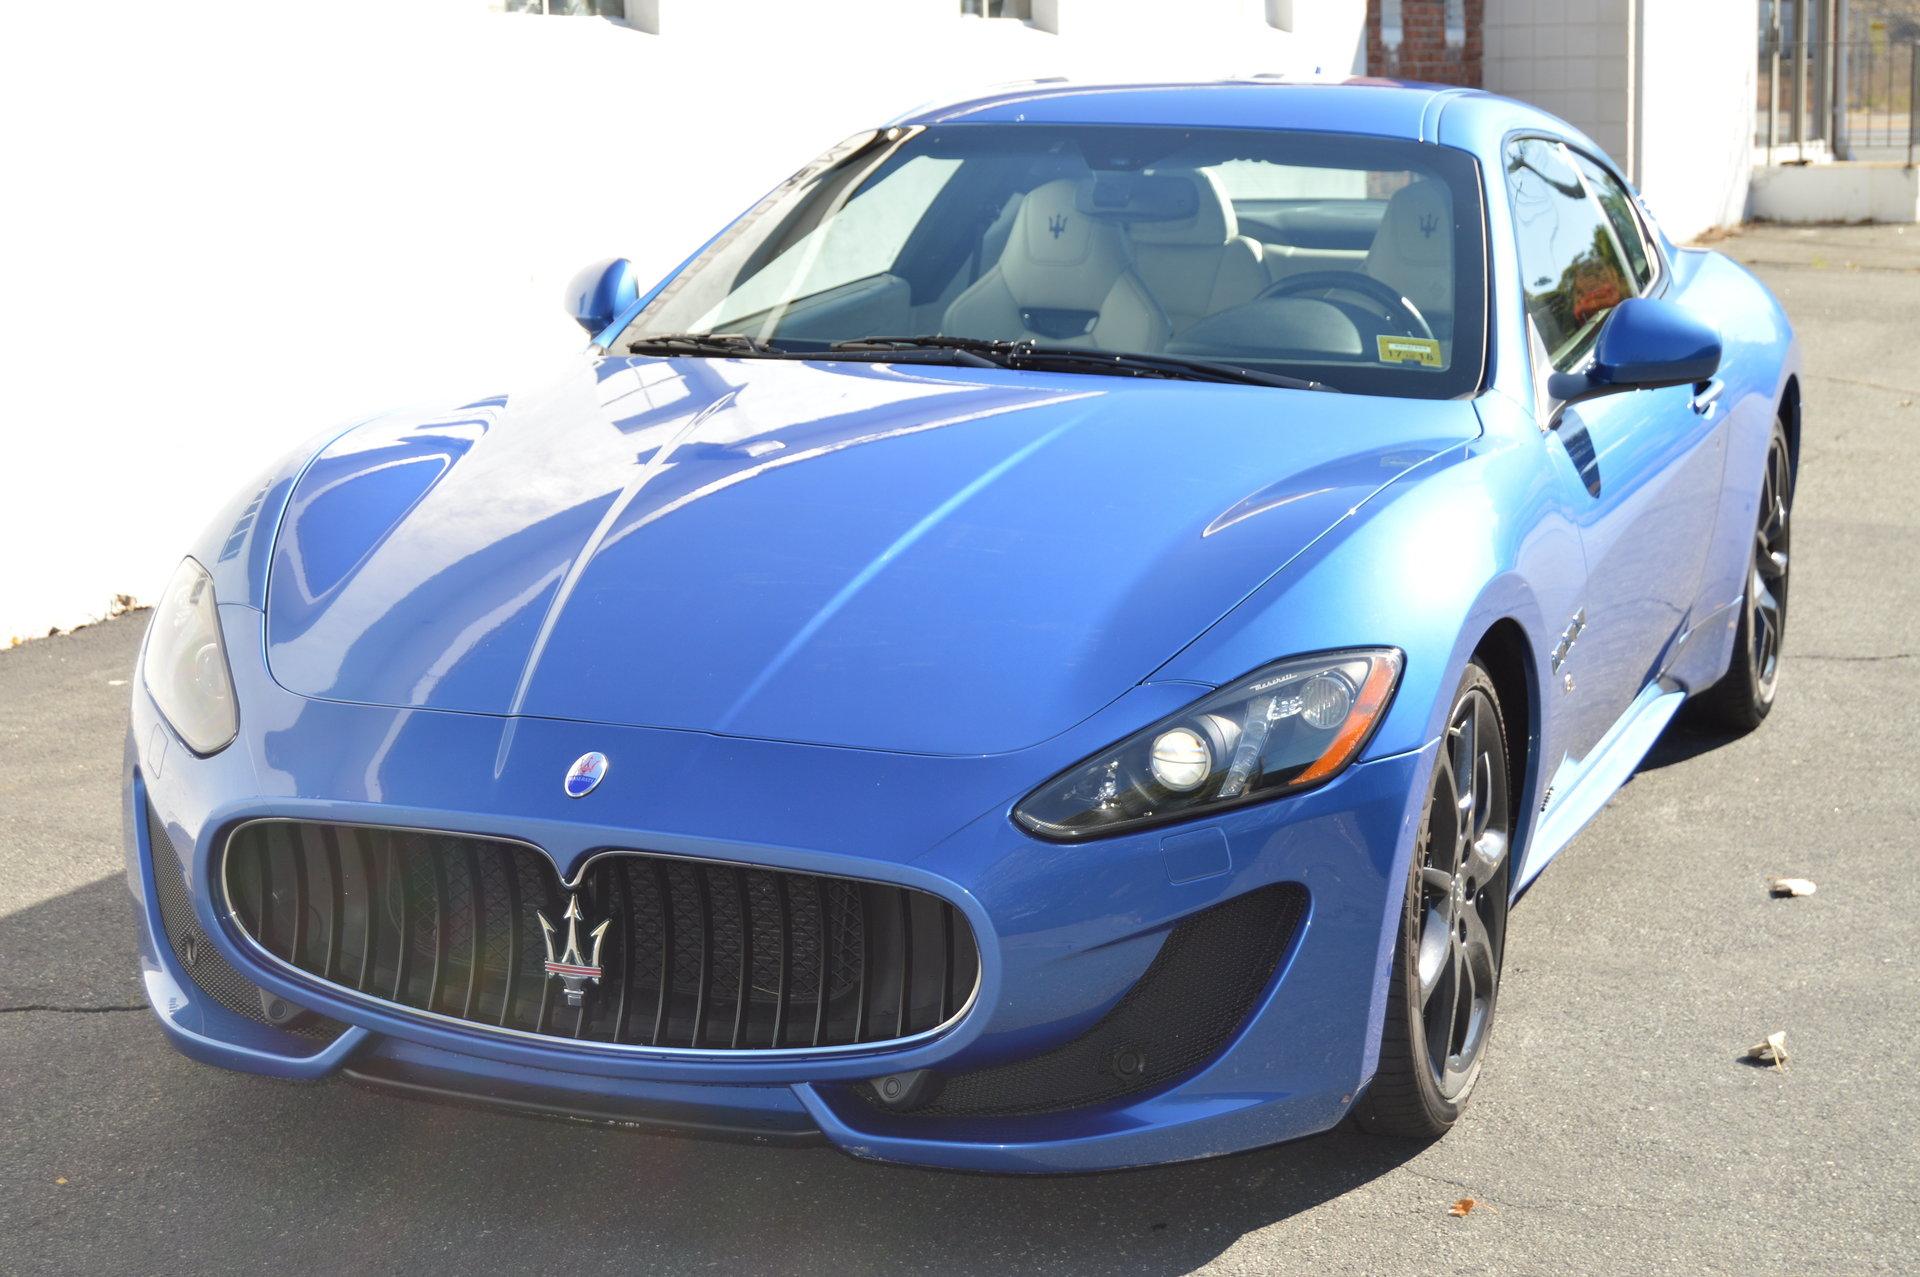 2013 Maserati Gran Turismo for sale #68648   MCG